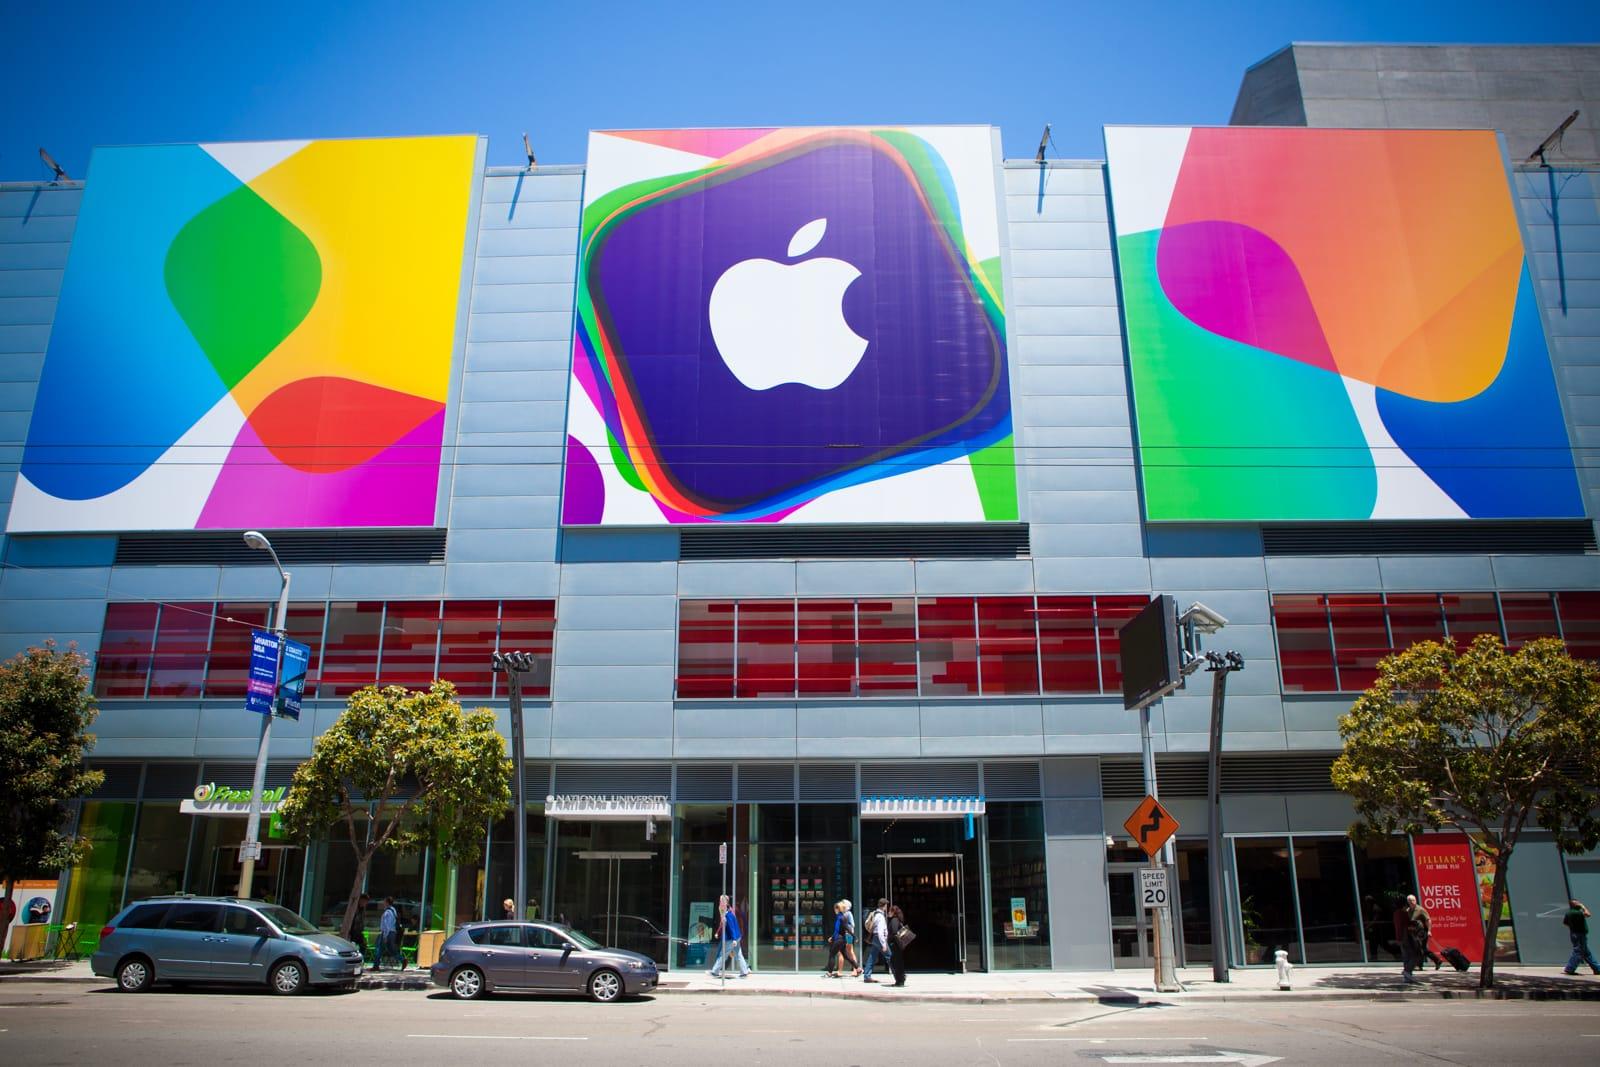 Apple espera con la WWDC 2015 obtener una buena recepción de iOS 9 y iOS X.